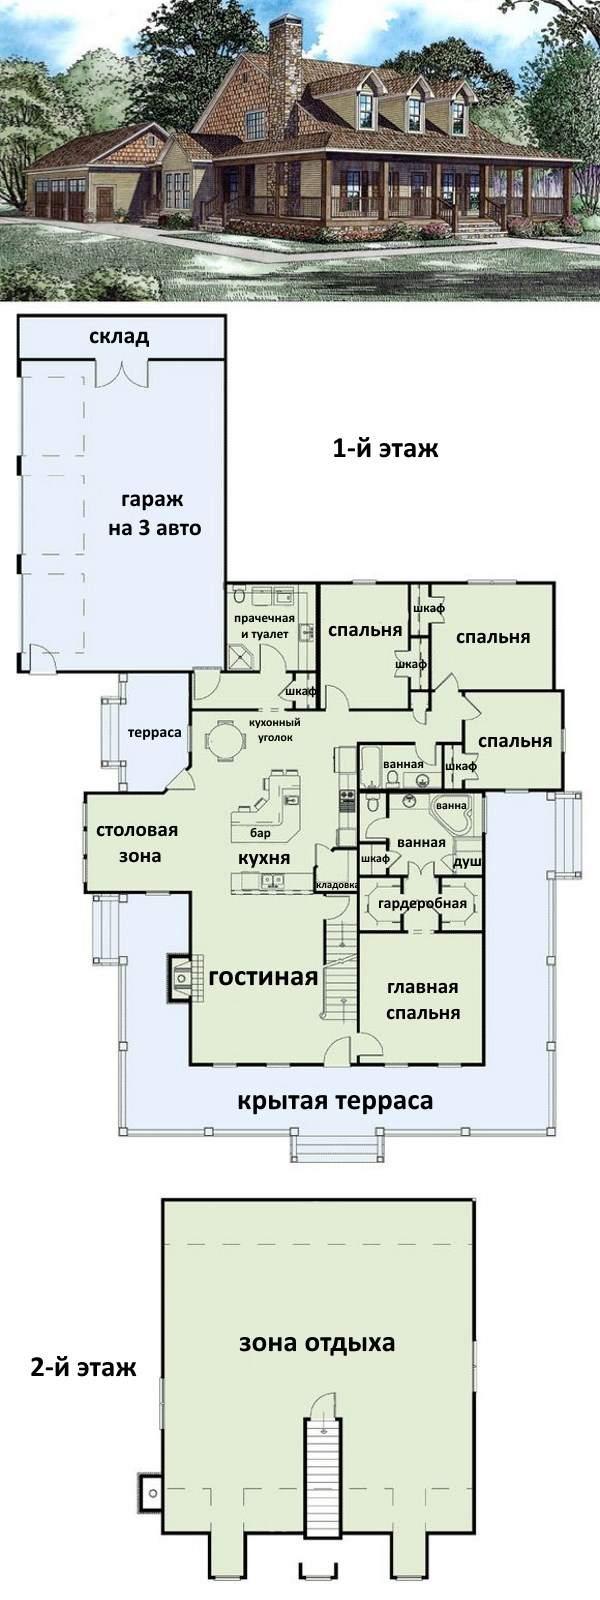 Планировка и фото второго этажа в частном доме